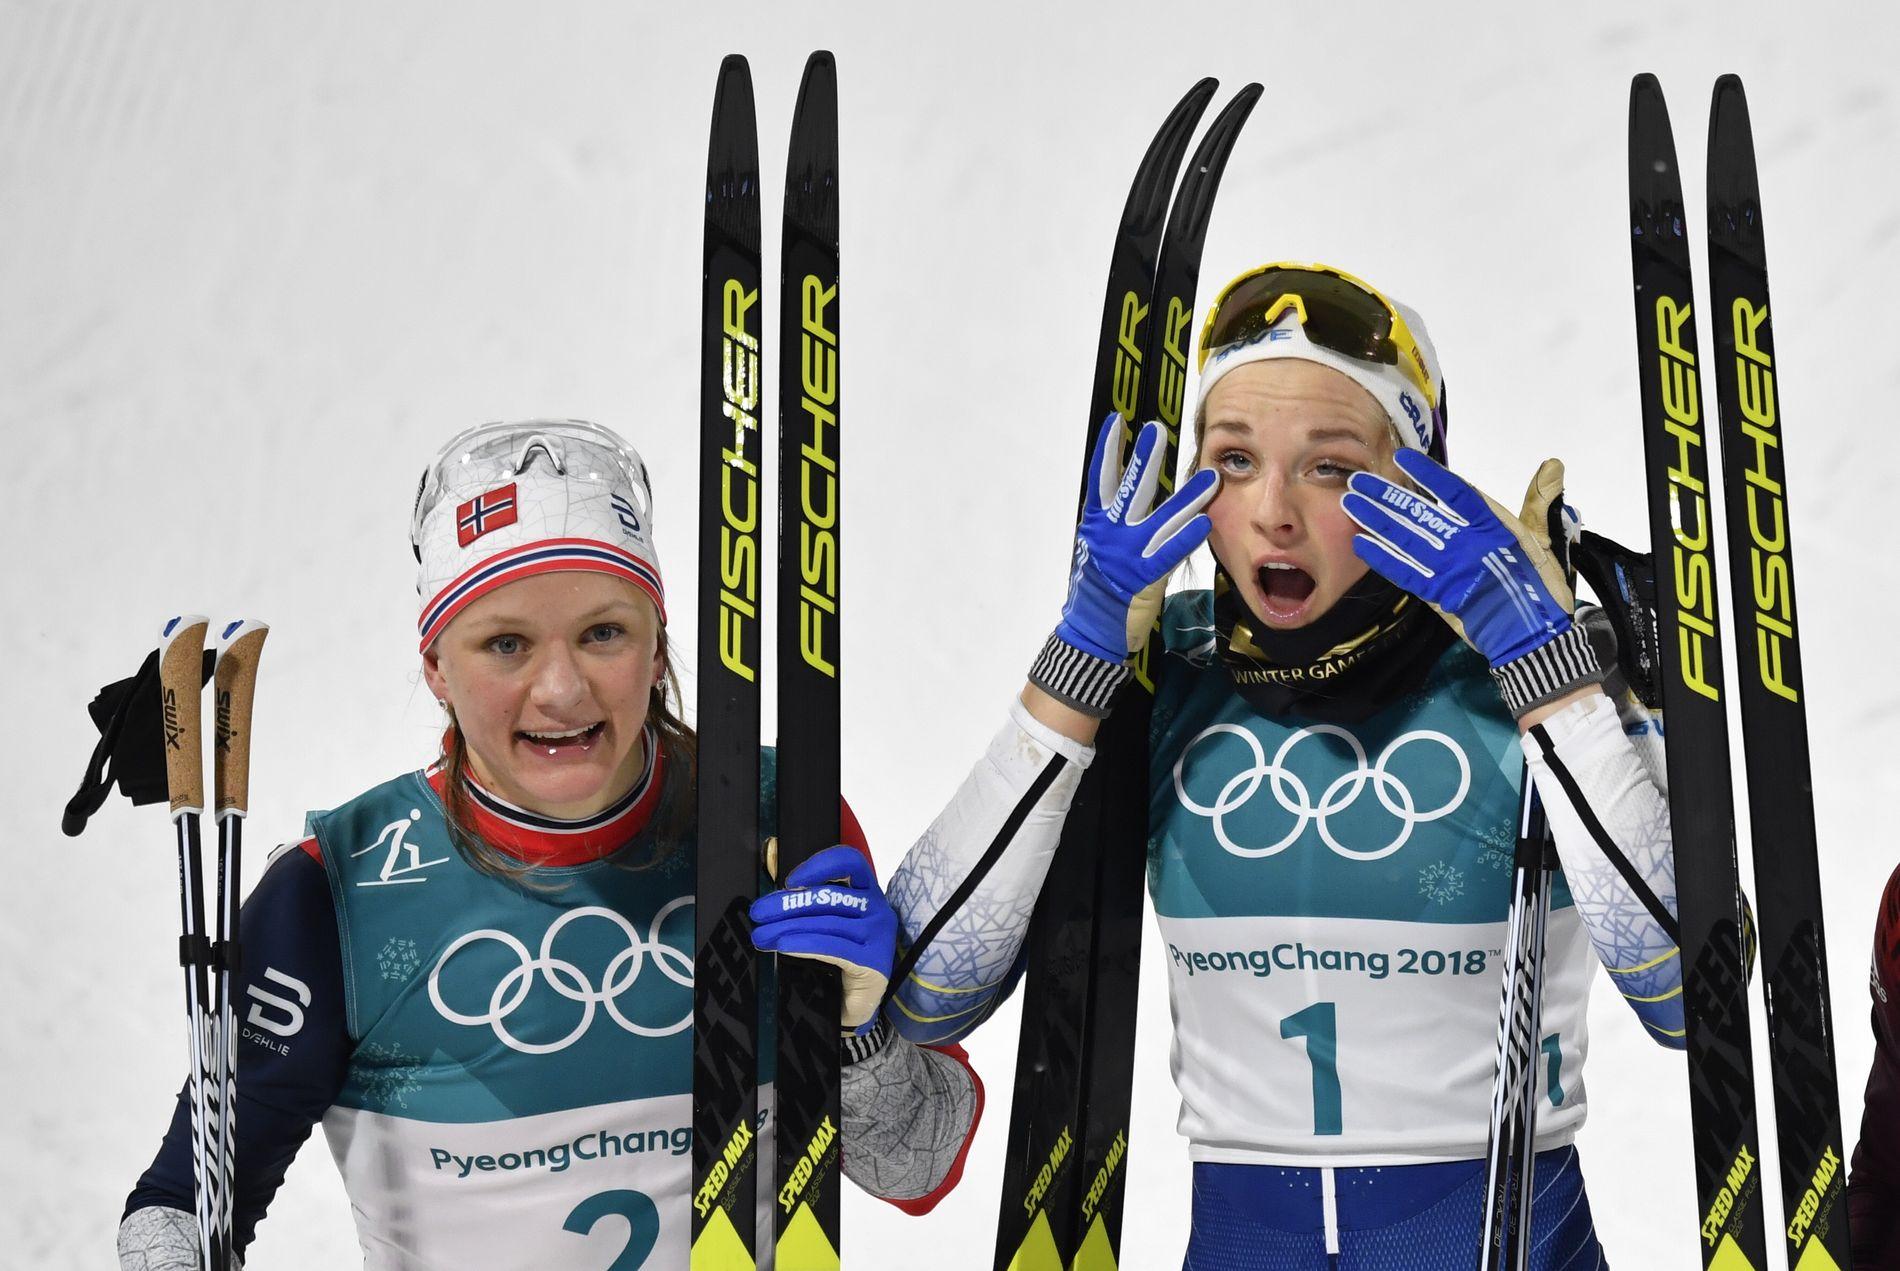 DETTE BLIR DUELLEN: Maiken Caspersen Falla måtte gi tapt mot Stina Nilsson på den individuelle sprinten. Nå blir det en ny duell på lagsprinten mellom de to største sprintstjernene.